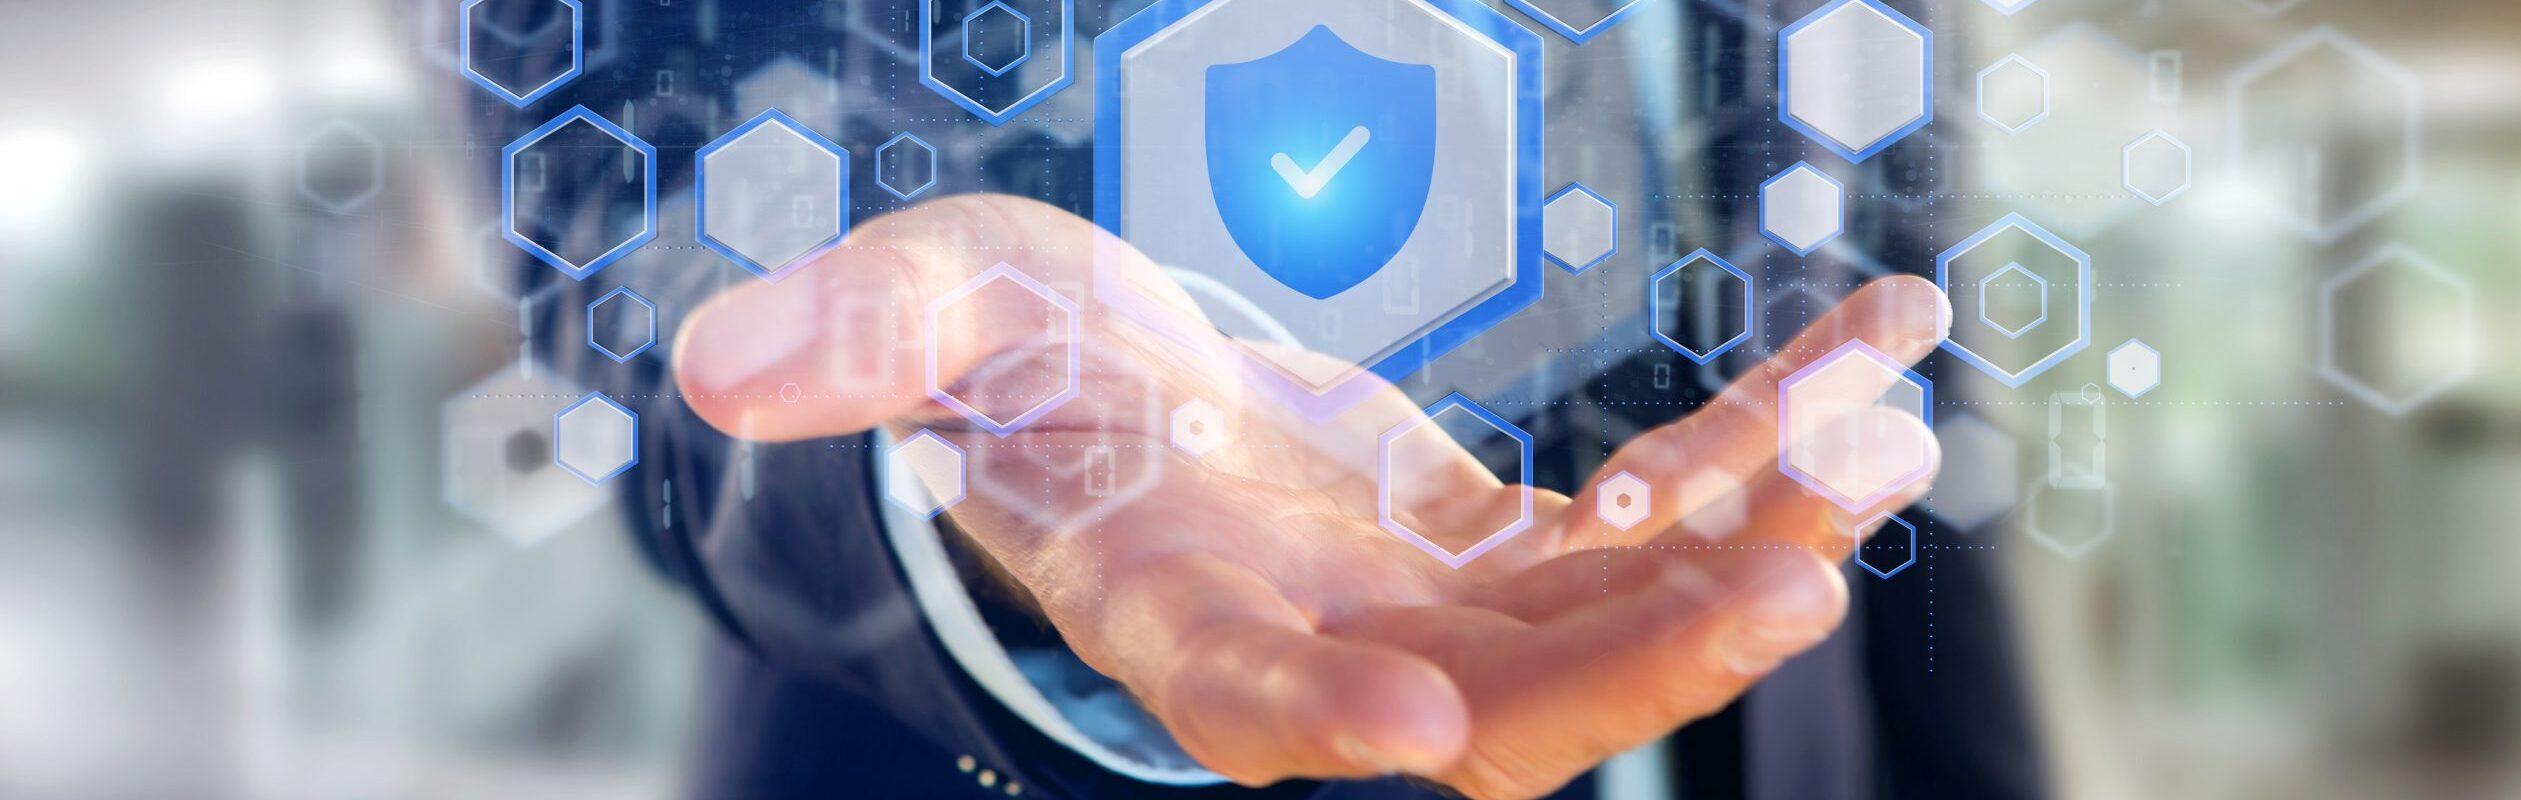 Weboldal biztonság